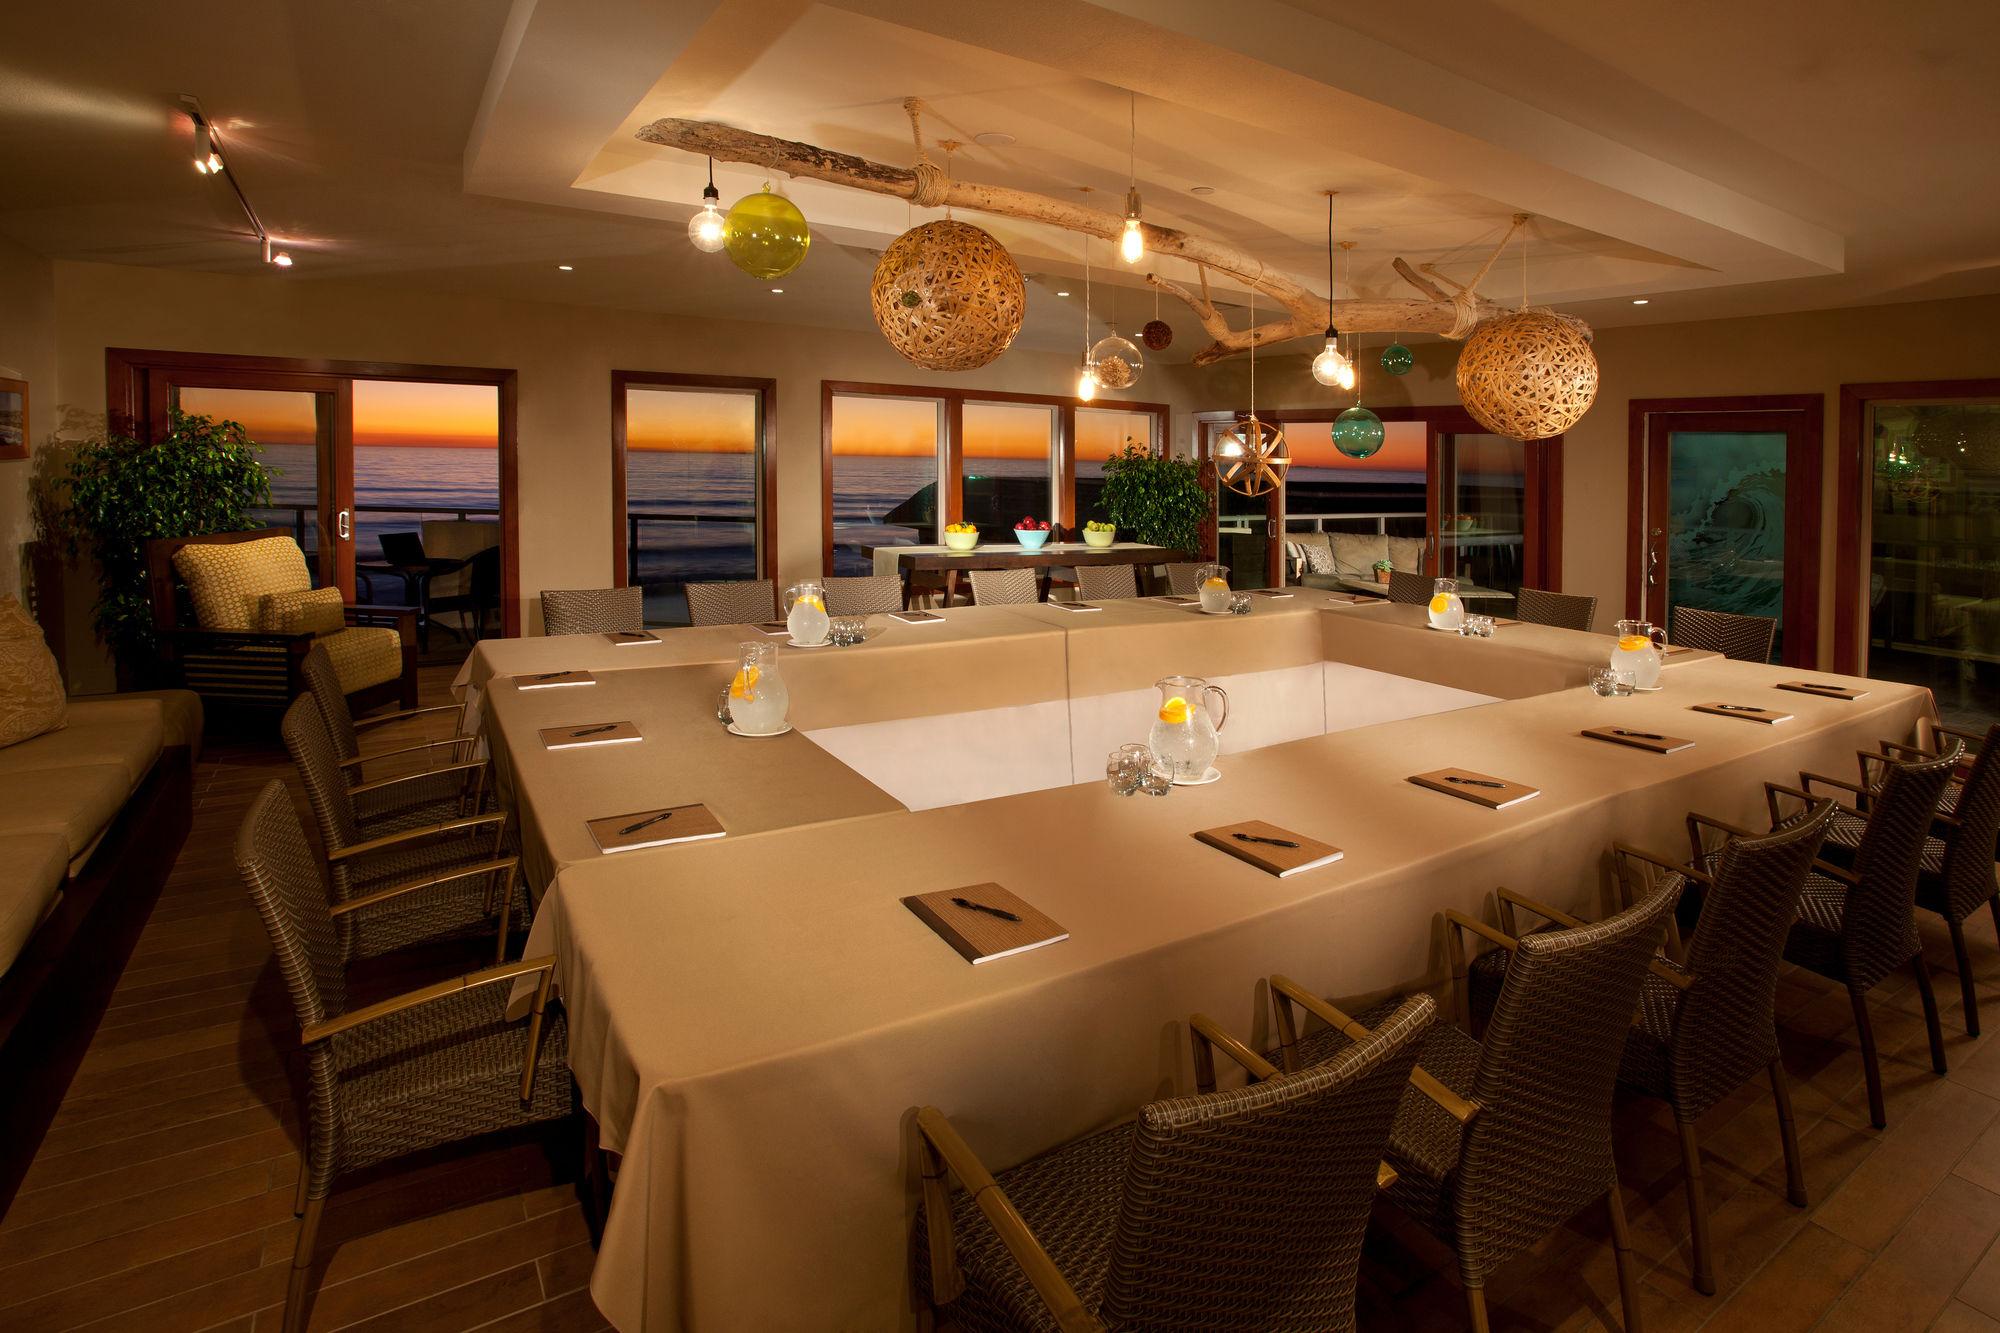 Carlsbad Hotel Coupons For Carlsbad California